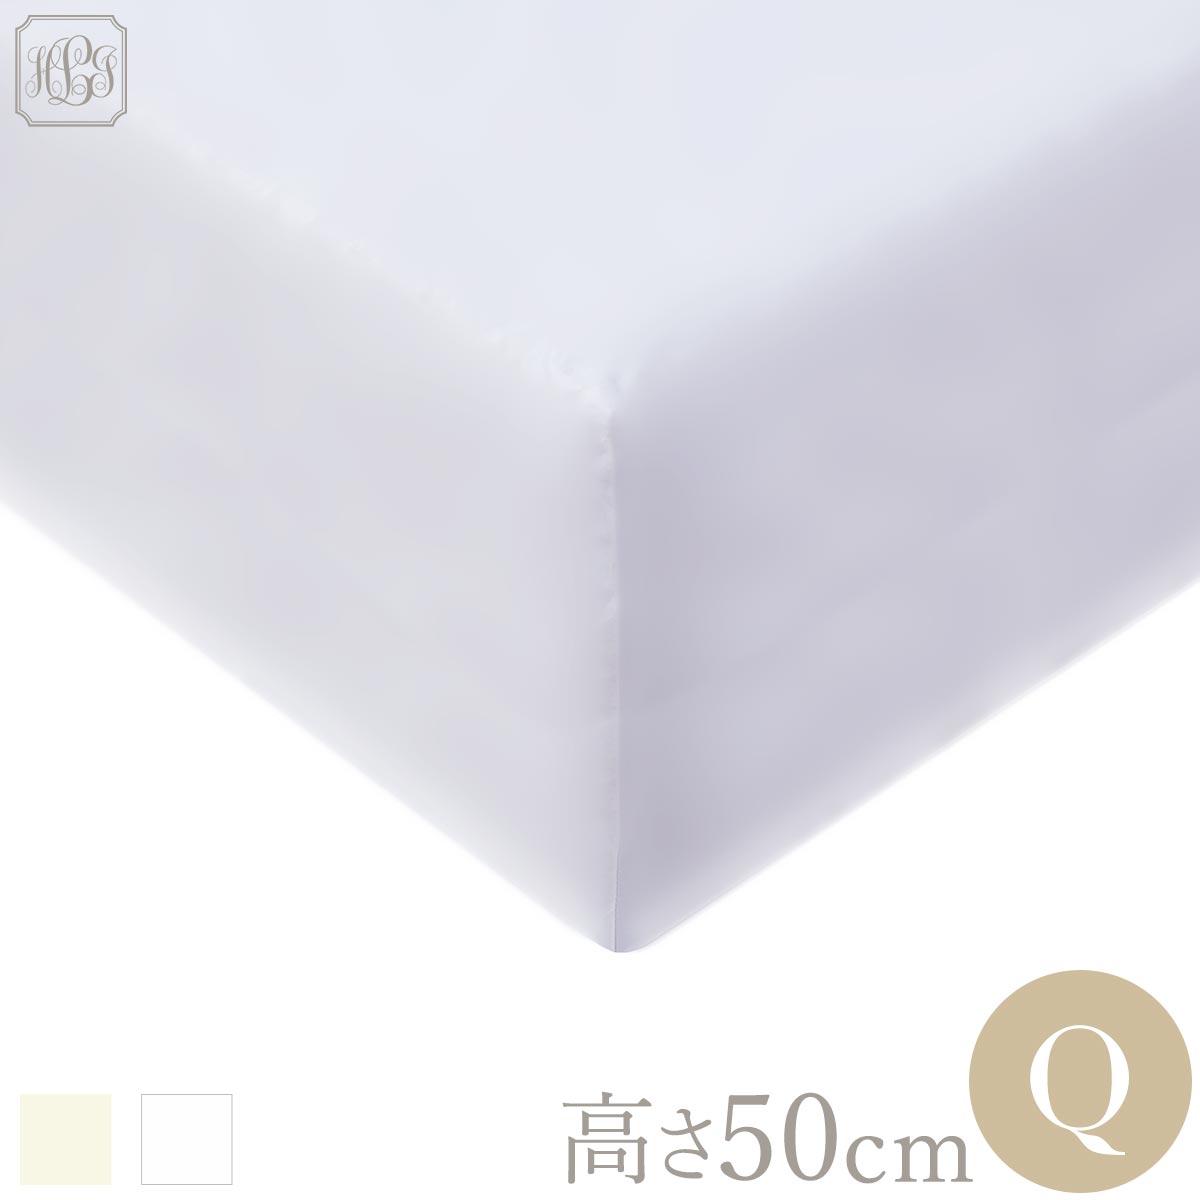 ボックスシーツ | クイーン | 160×200cm | 高さ50cm | 400TC コットンサテン